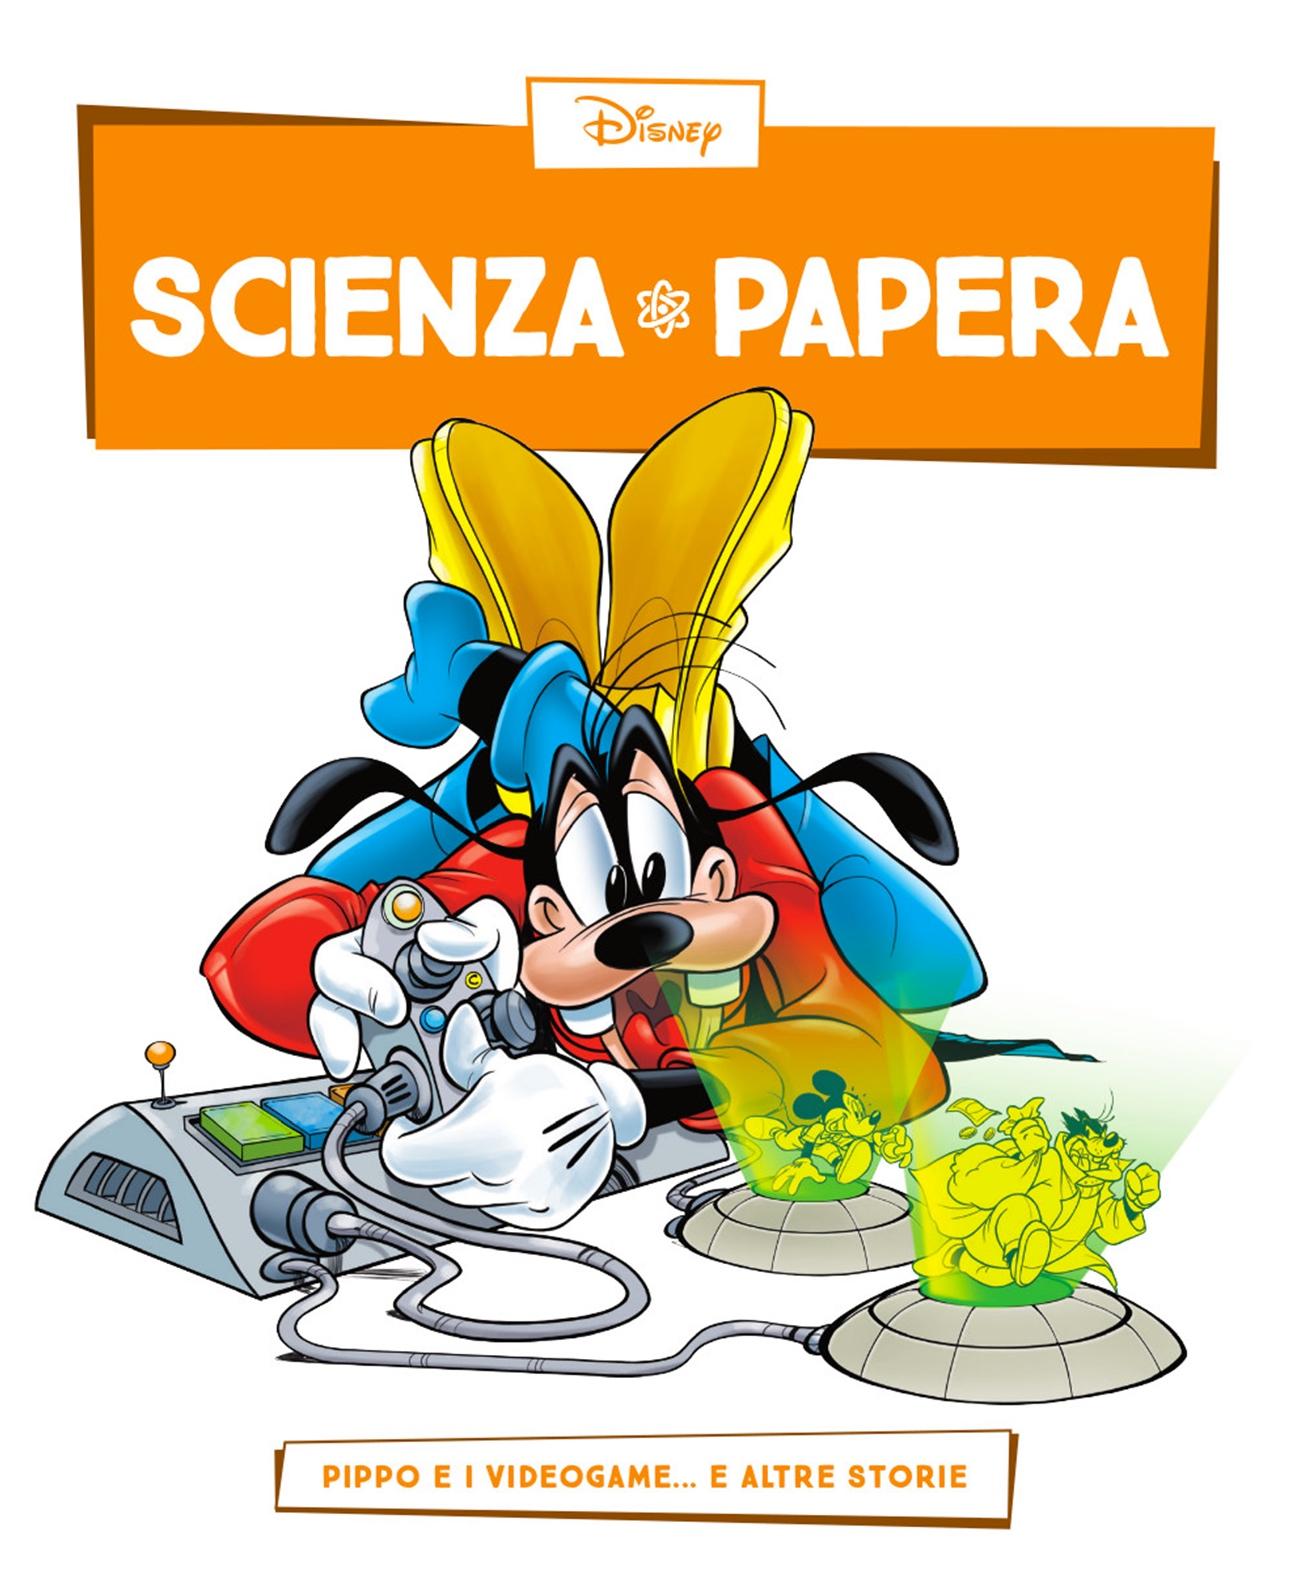 Cover Scienza Papera 5 - Videogame e simulatori